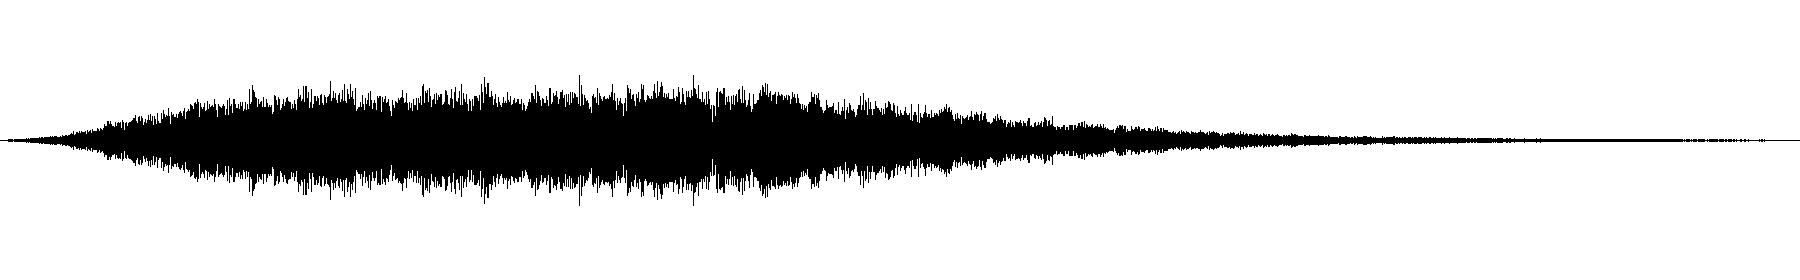 synth choir fsus4